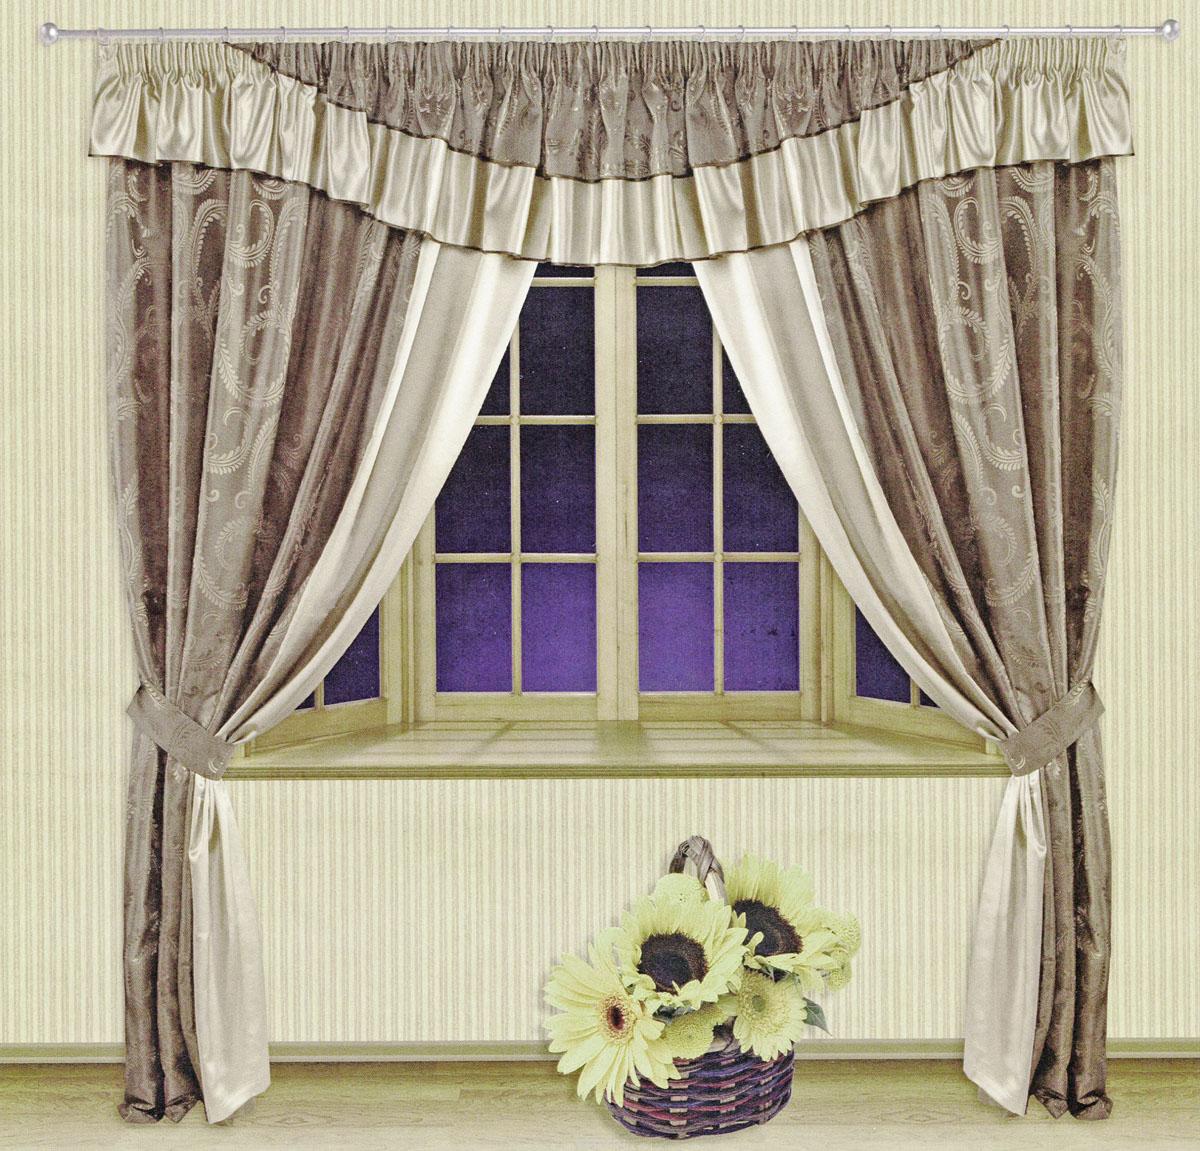 Комплект штор Zlata Korunka, на ленте, цвет: бежевый, серый, высота 250 см. 5550955509Роскошный комплект штор Zlata Korunka, выполненный из ткани шанзализе и сатина (100% полиэстера), великолепно украсит любое окно. Комплект состоит из двух портьер, ламбрекена и двух подхватов. Плотная ткань, оригинальный орнамент и приятная, приглушенная гамма привлекут к себе внимание и органично впишутся в интерьер помещения. Комплект крепится на карниз при помощи шторной ленты, которая поможет красиво и равномерно задрапировать верх. Портьеры можно зафиксировать в одном положении с помощью двух подхватов. Этот комплект будет долгое время радовать вас и вашу семью! В комплект входит: Портьера: 2 шт. Размер (ШхВ): 210 см х 250 см. Ламбрекен: 1 шт. Размер (ШхВ): 450 см х 50 см. Подхват: 2 шт. Размер (ШхВ): 60 см х 10 см.